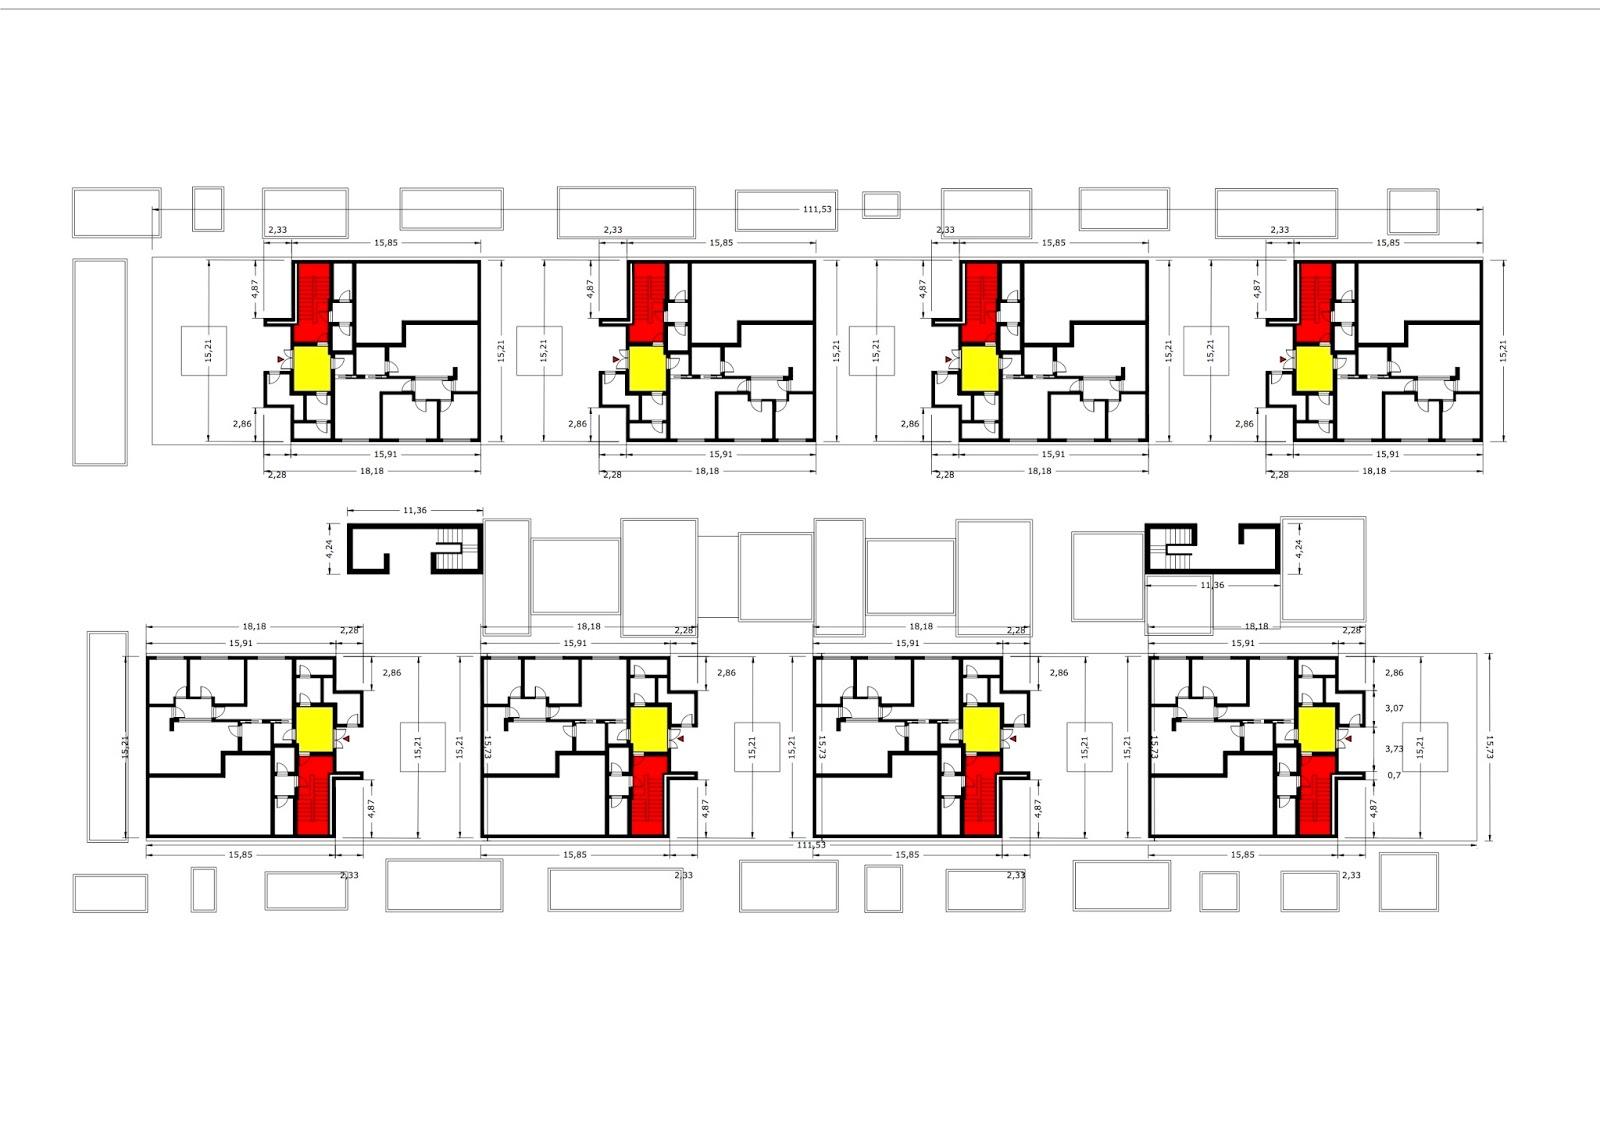 Dimensioni minime ascensore affordable divano isola dwg - Costo ascensore interno 1 piano ...